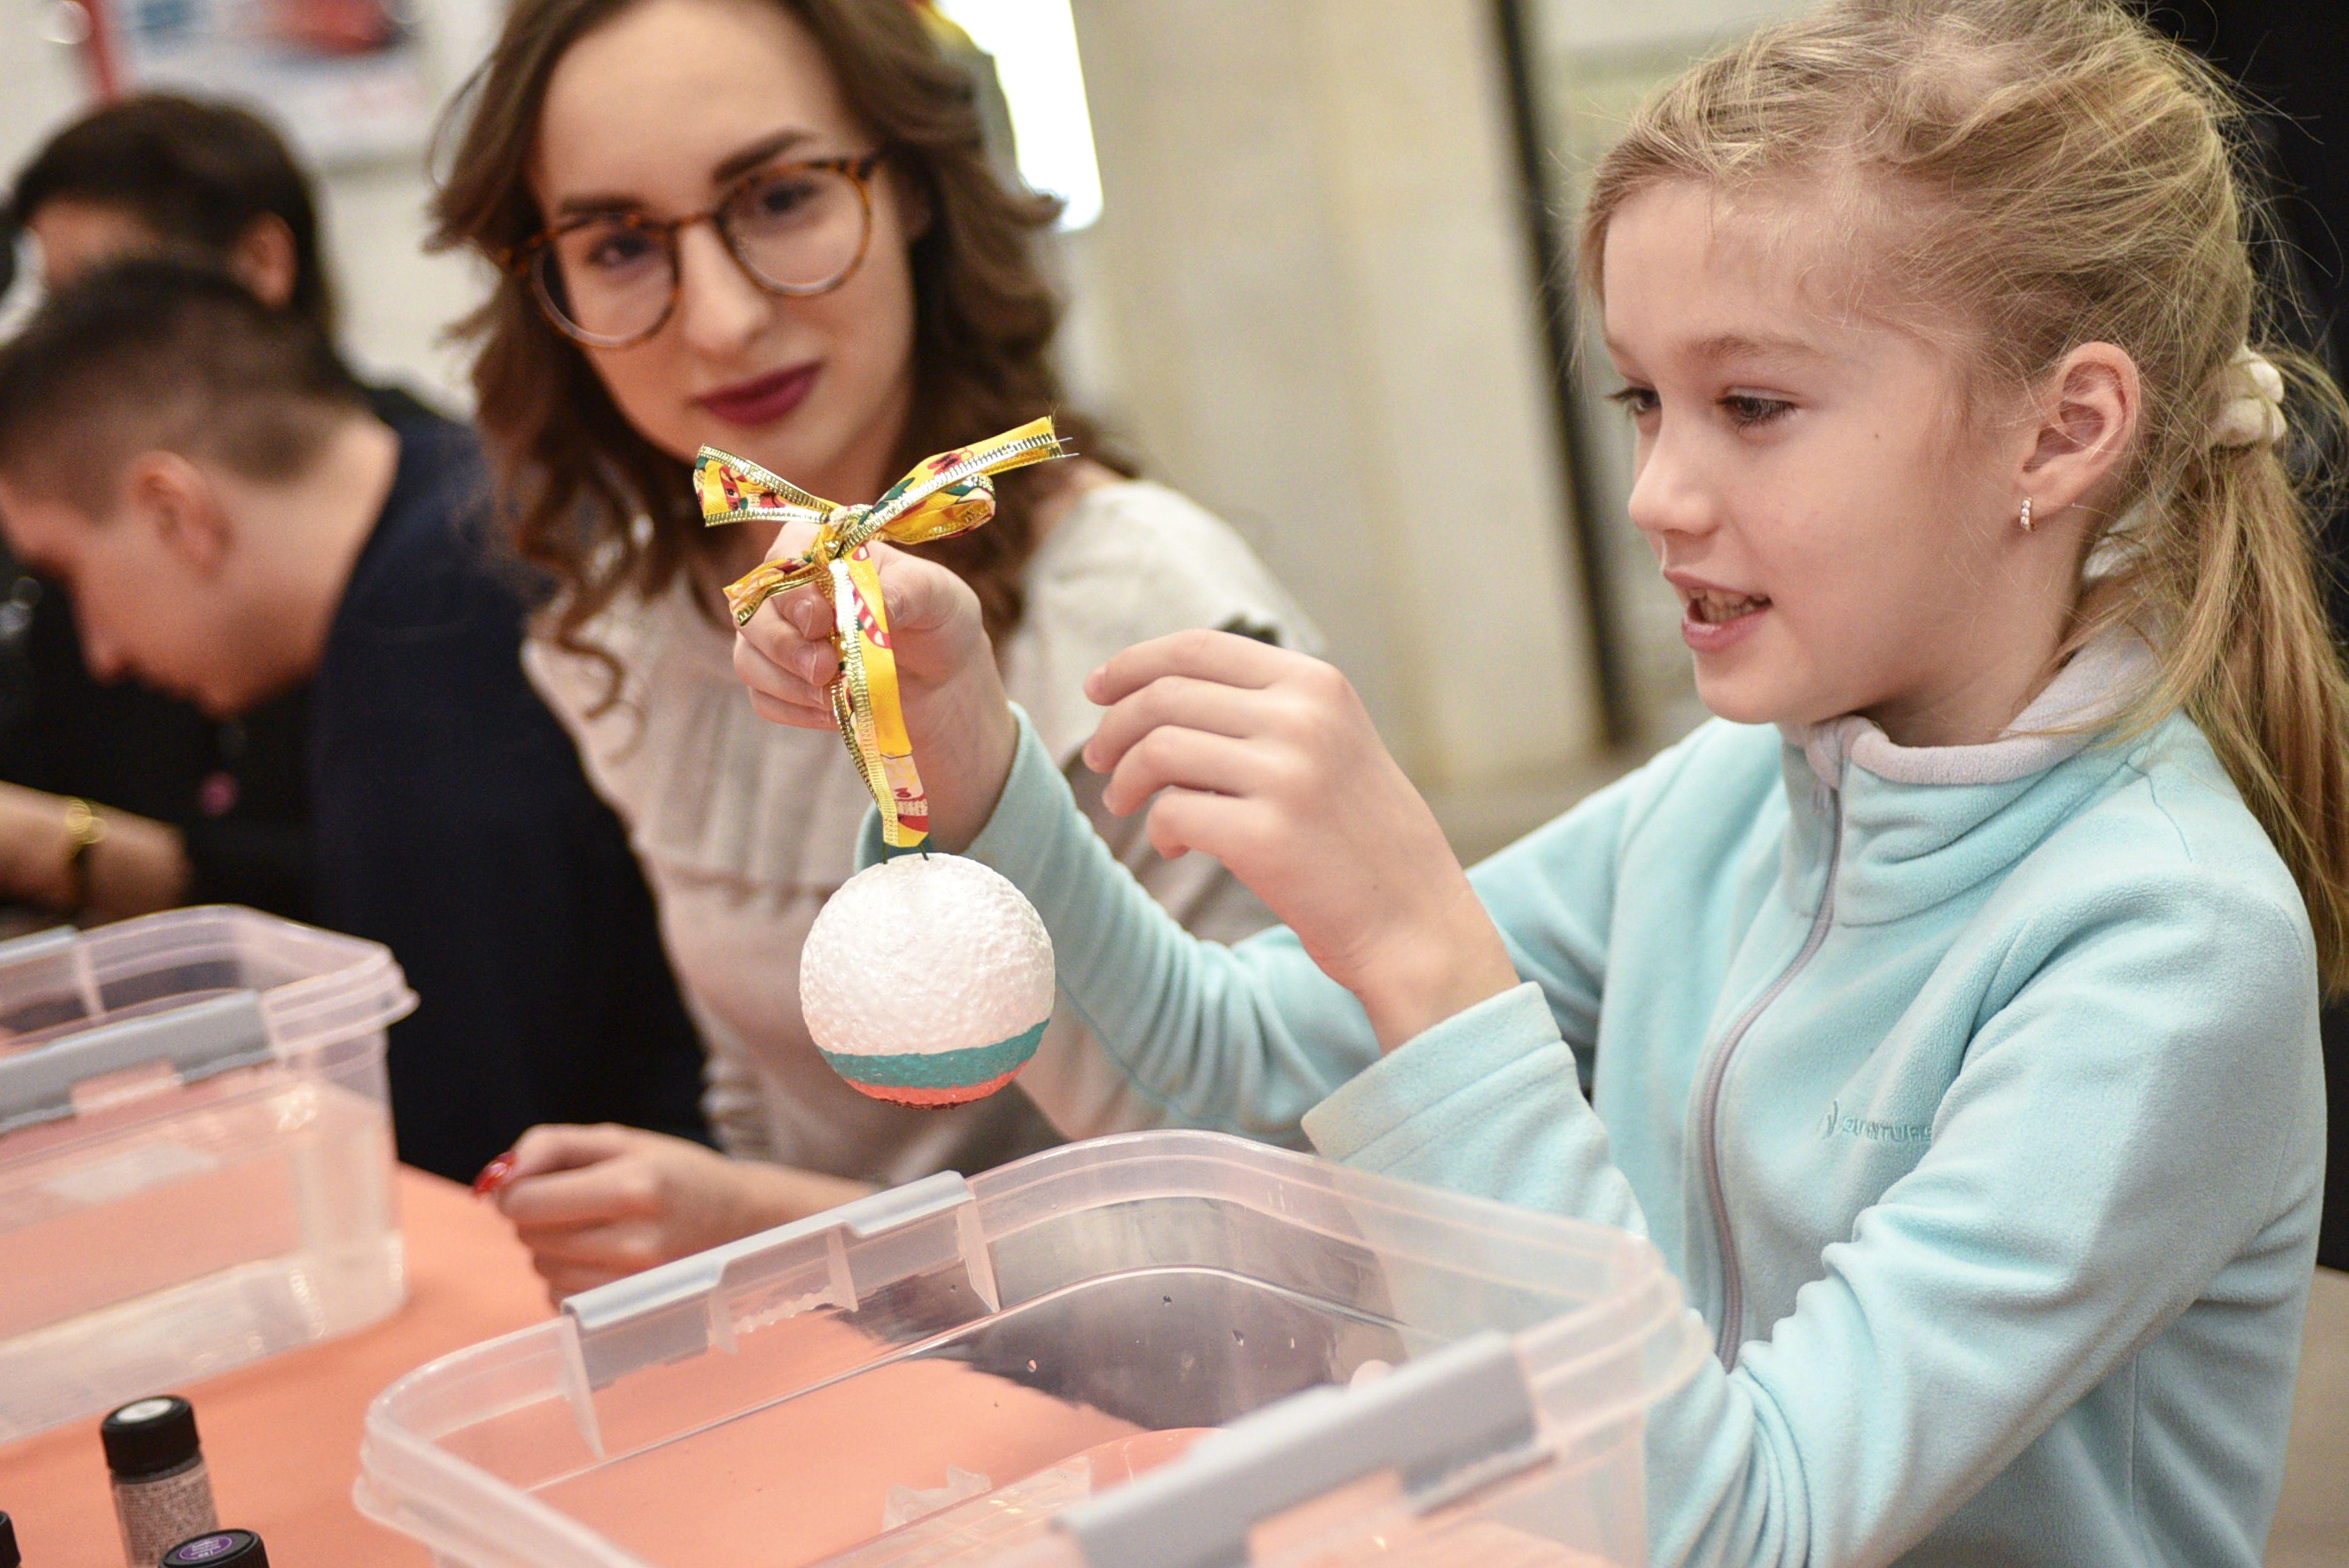 Елочная игрушка дерево сохранит: экологичный мастер-класс состоится в «Братееве»